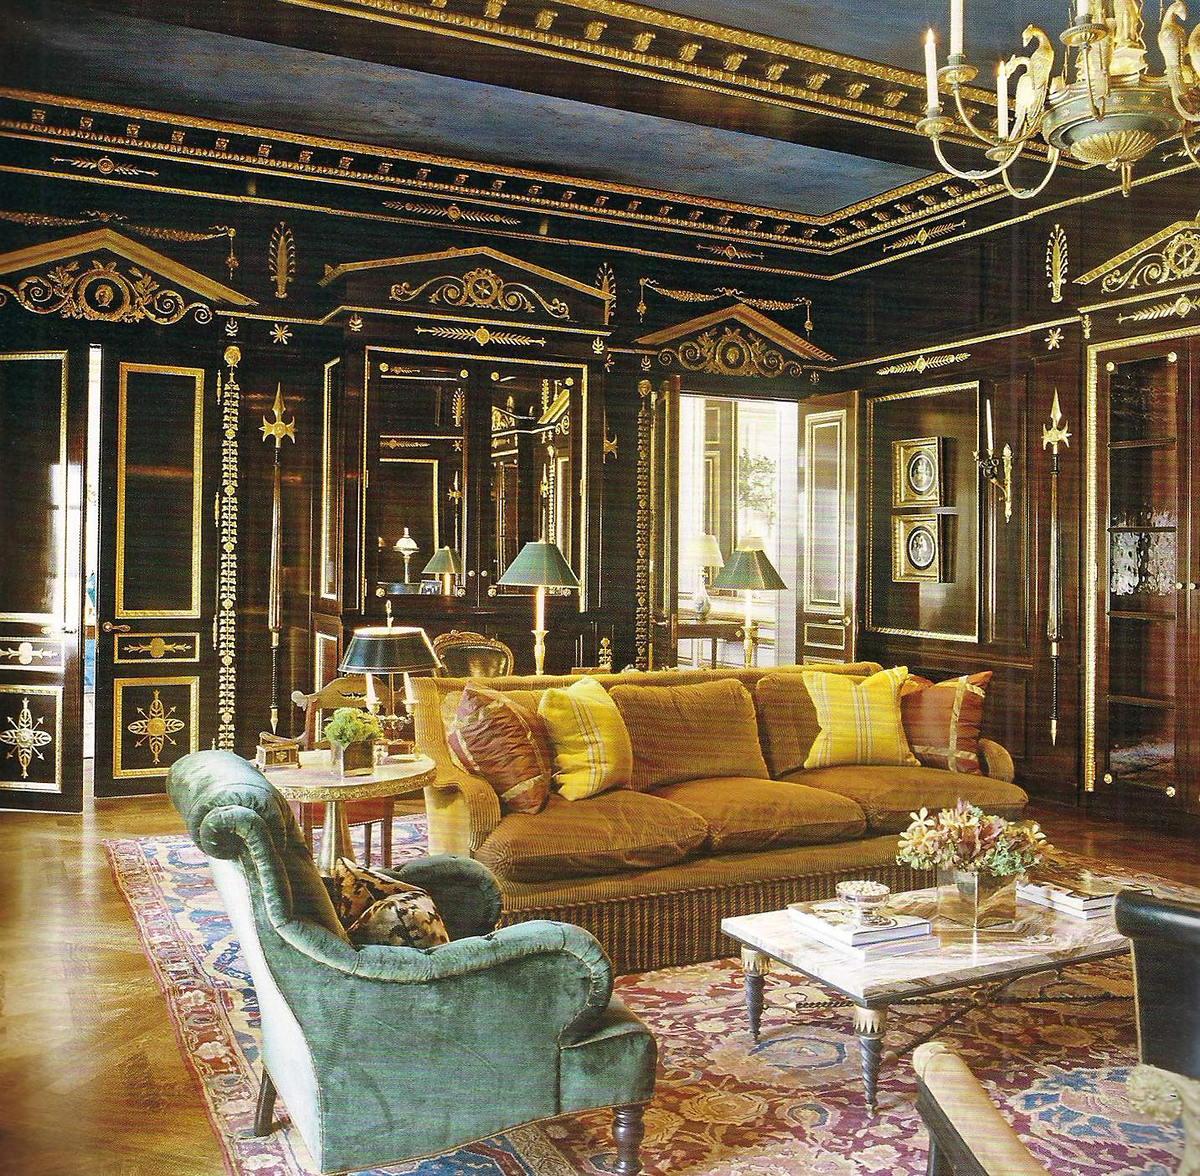 Ампир в интерьере исторических и современных помещений   мебельный журнал - все о мебели